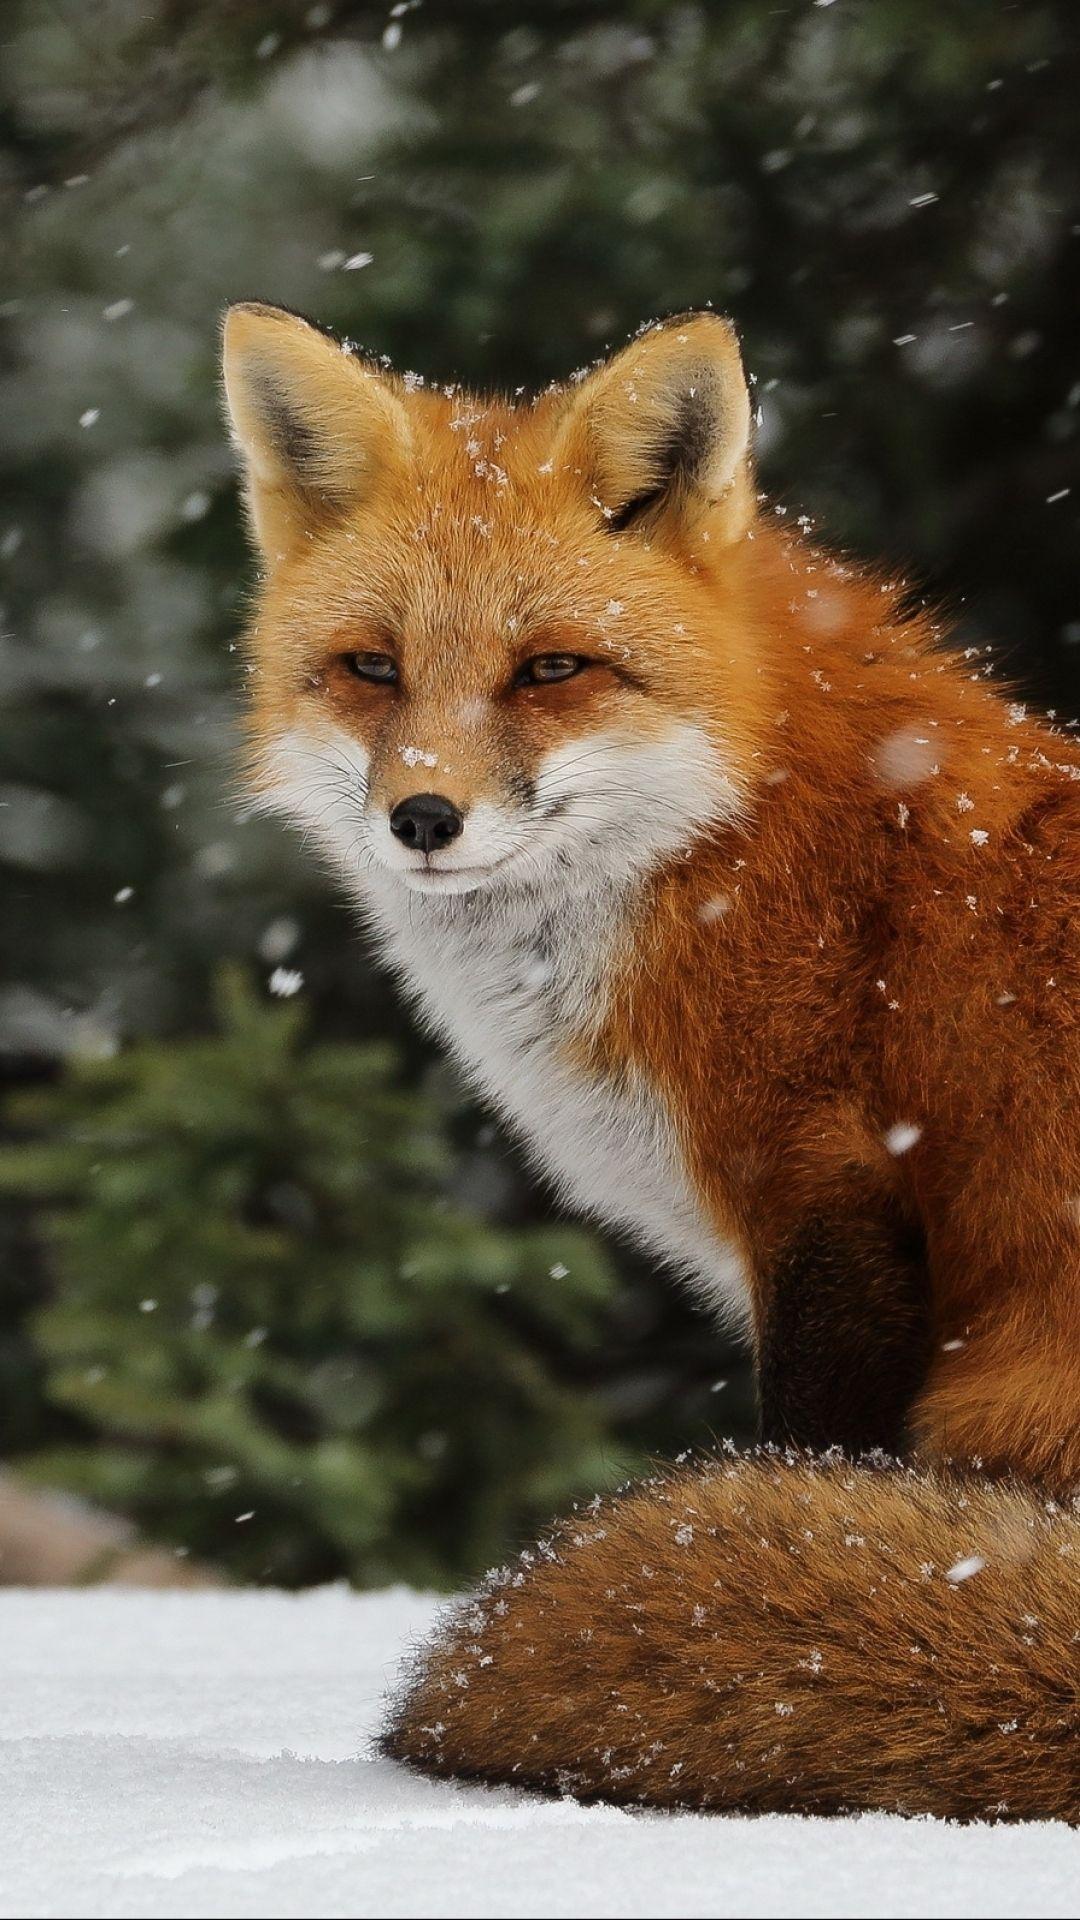 Updatedecember Keywordfox Definition Categories Wallpaper Wallpaper Iphonefor Wallpaper Wallpaper Wallpaper Wa Cute Animals Pet Fox Animal Wallpaper